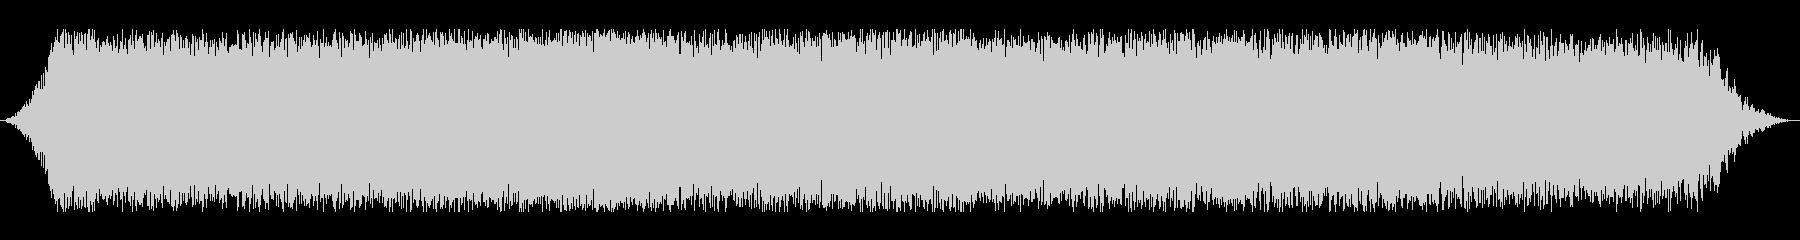 ボートパワーレース回転数の未再生の波形